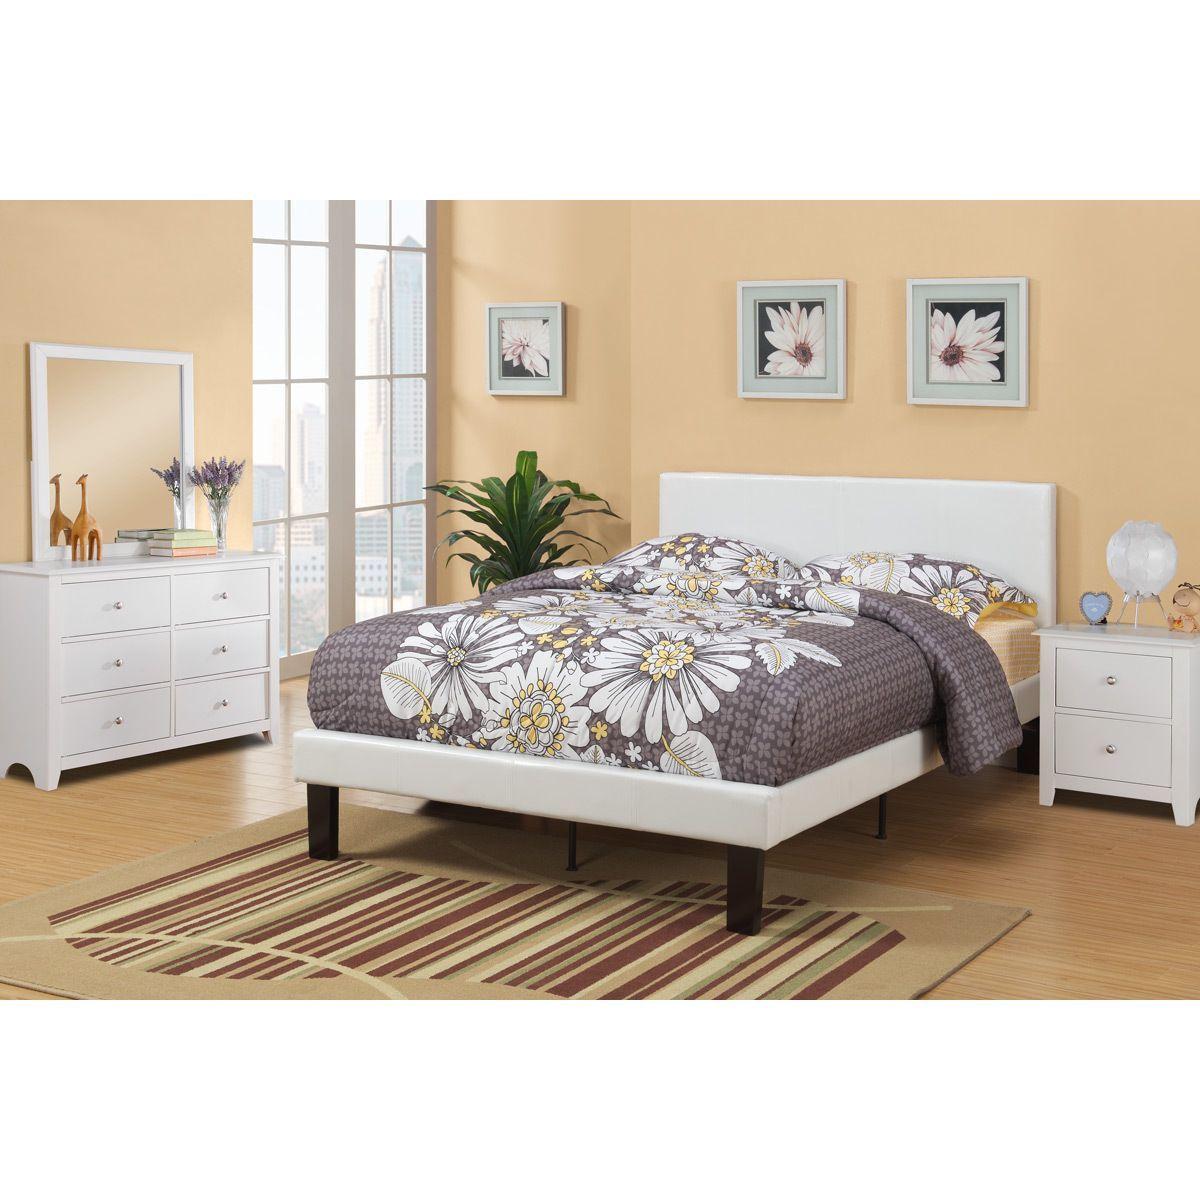 Poundex Sosnivka White 4-piece Youth Twin Bedroom Set (White)